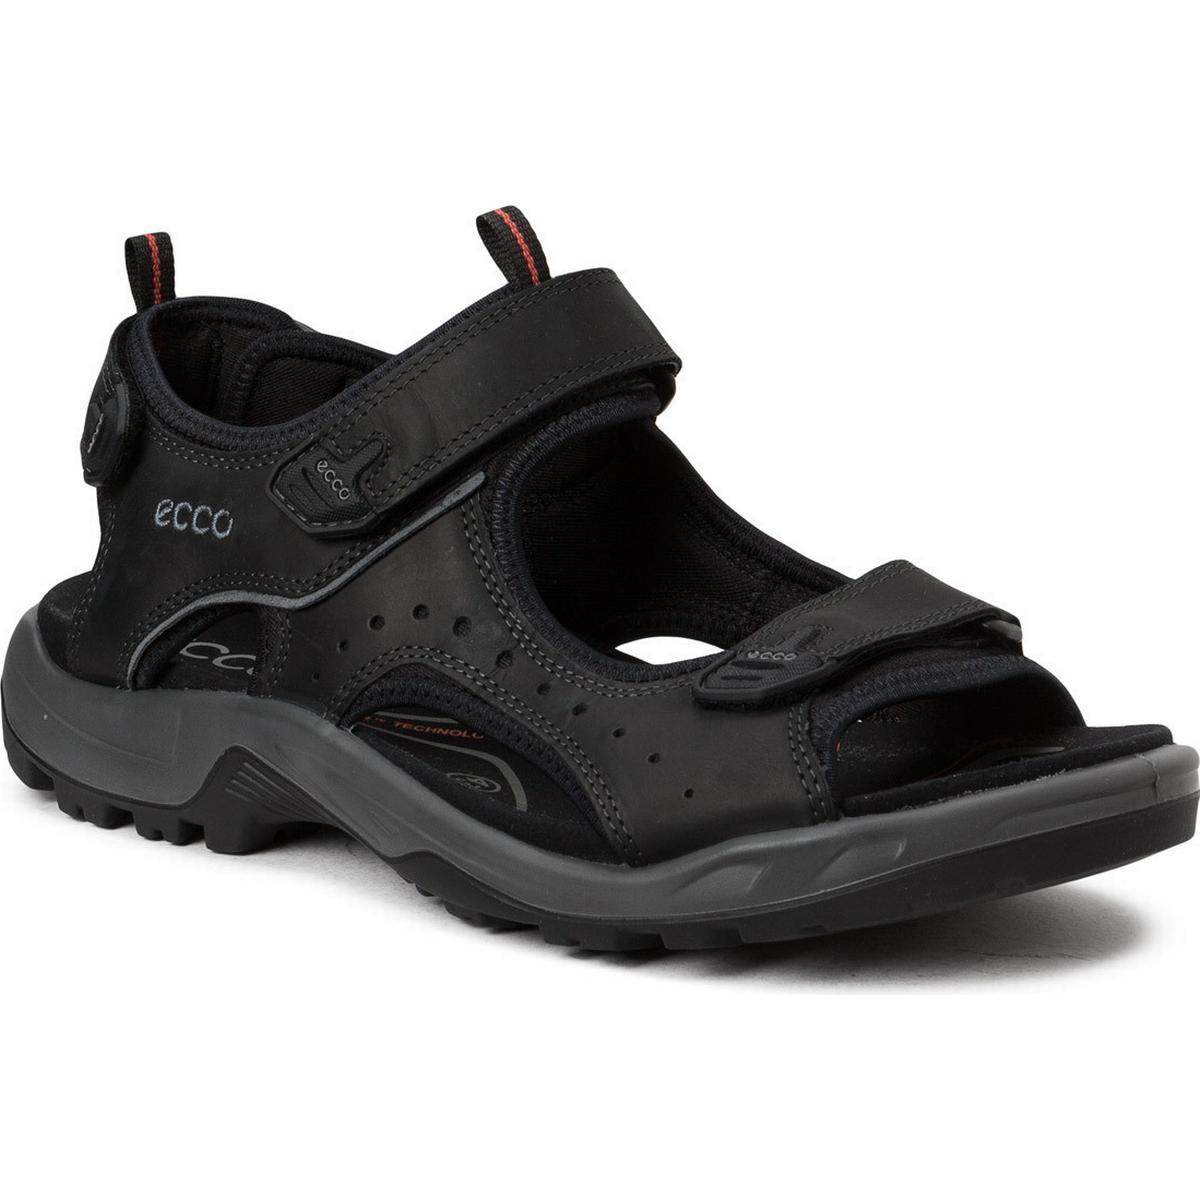 Ecco sandaler herre • Find den billigste pris hos